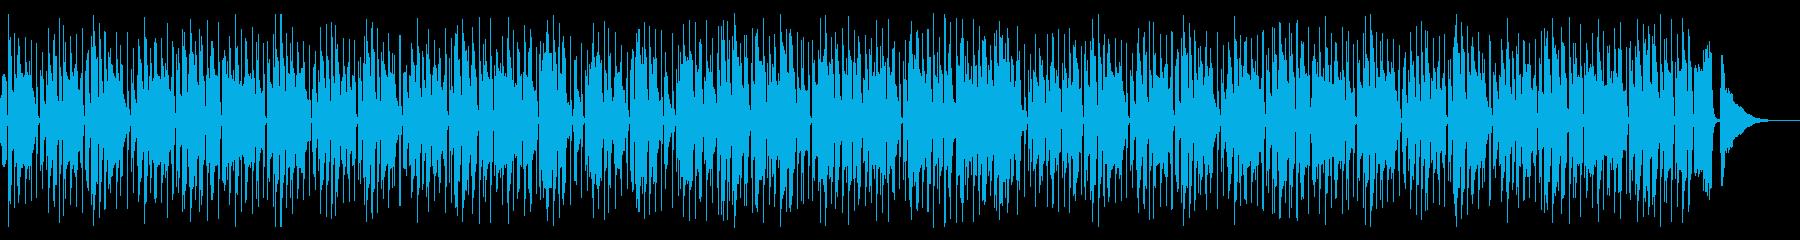 リコーダーがのどかなジプシージャズの再生済みの波形